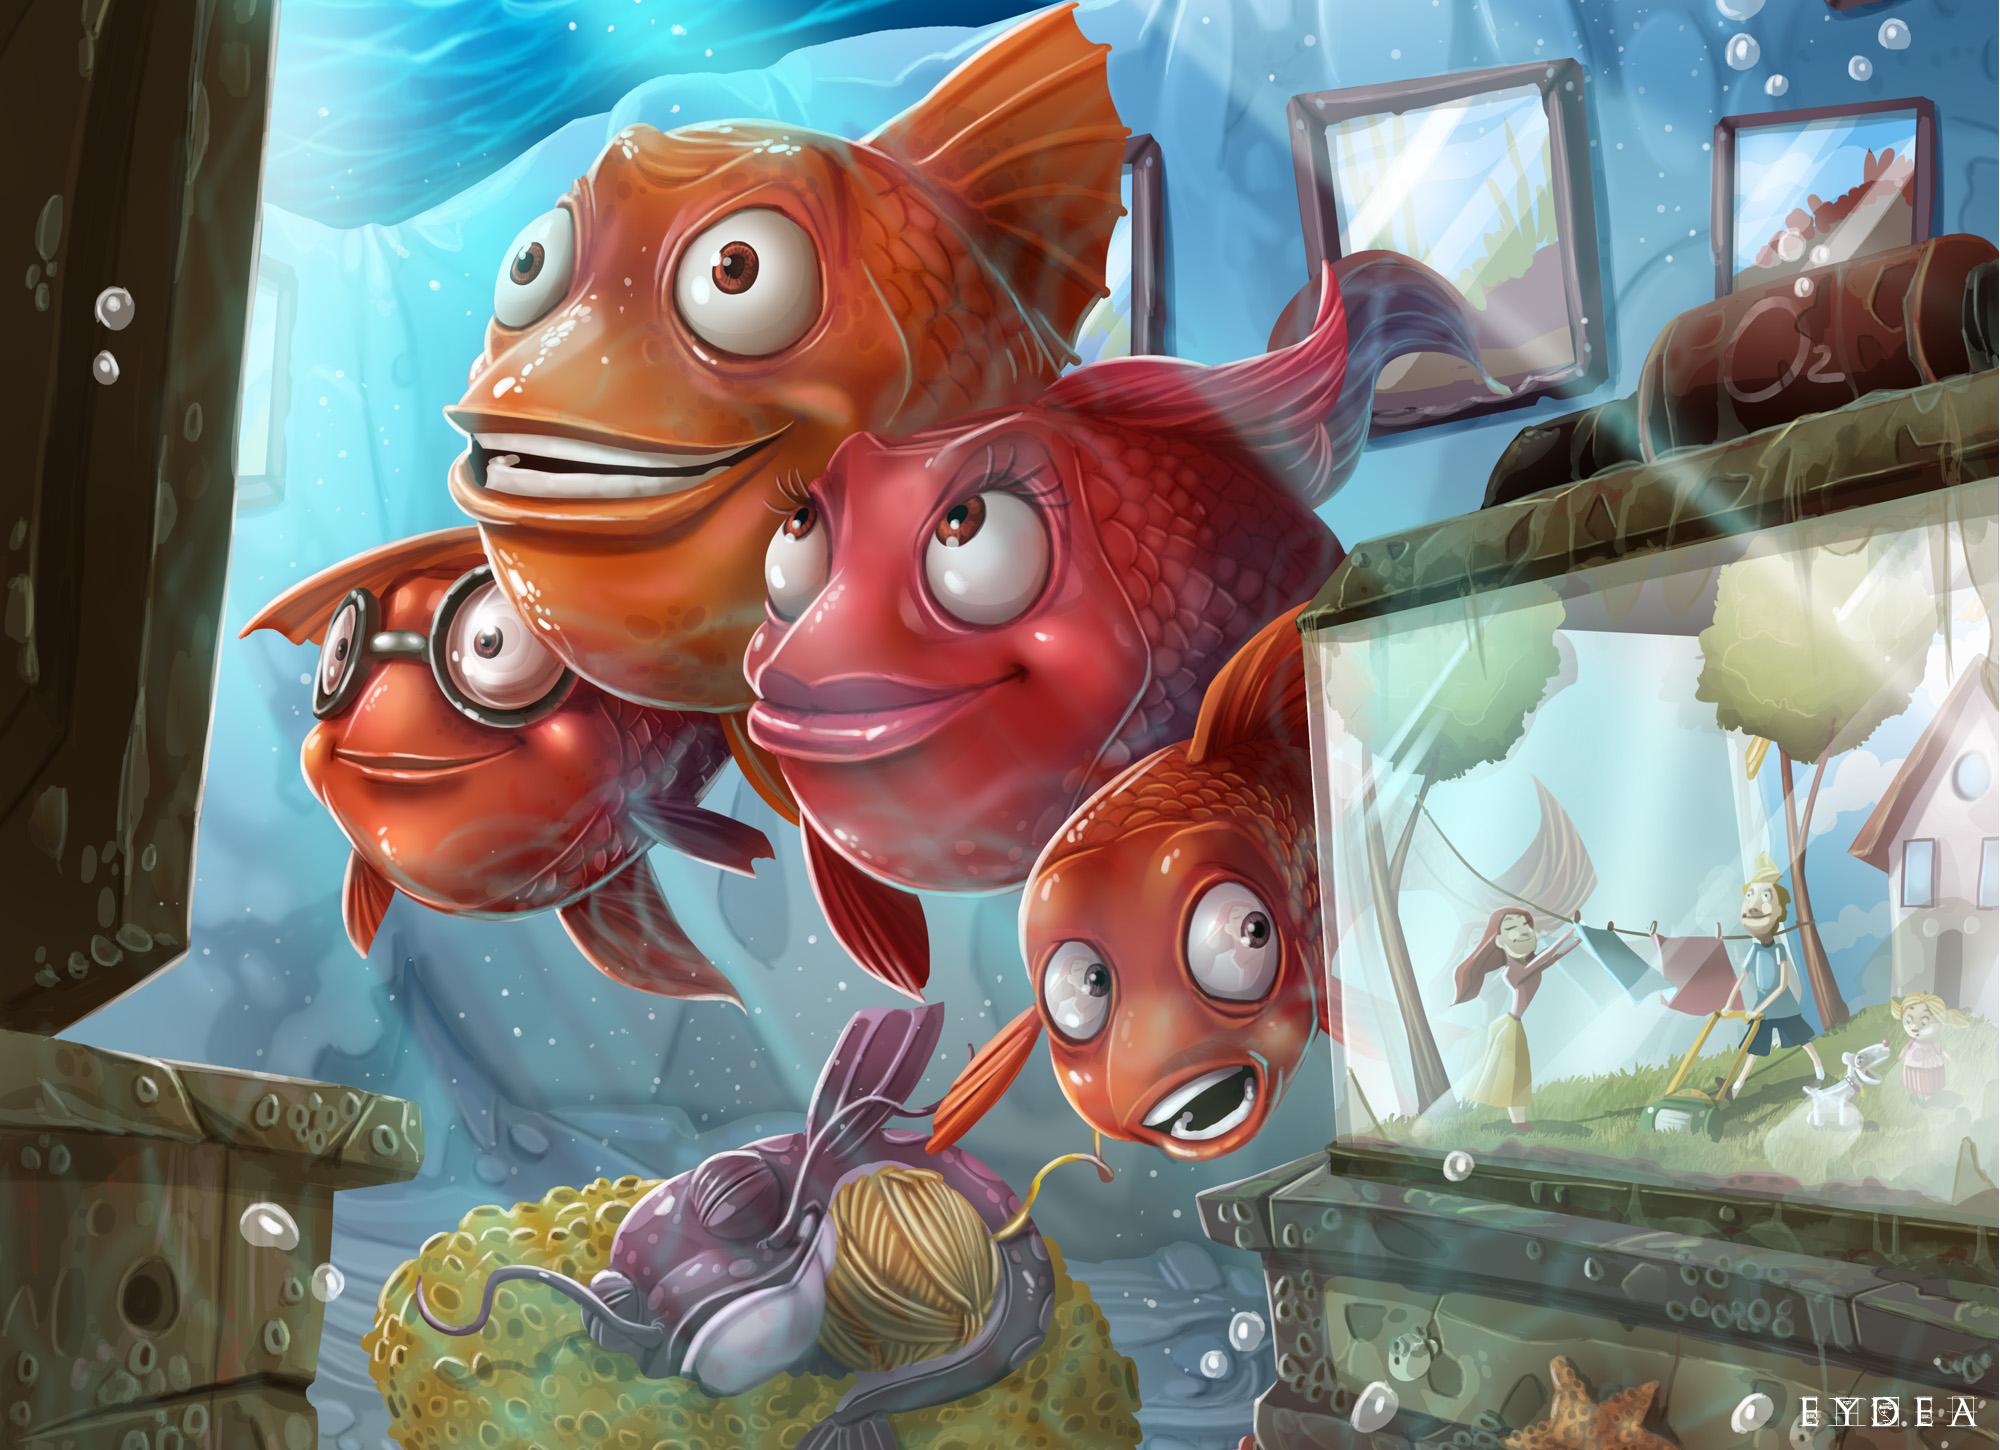 Definitely Fishy